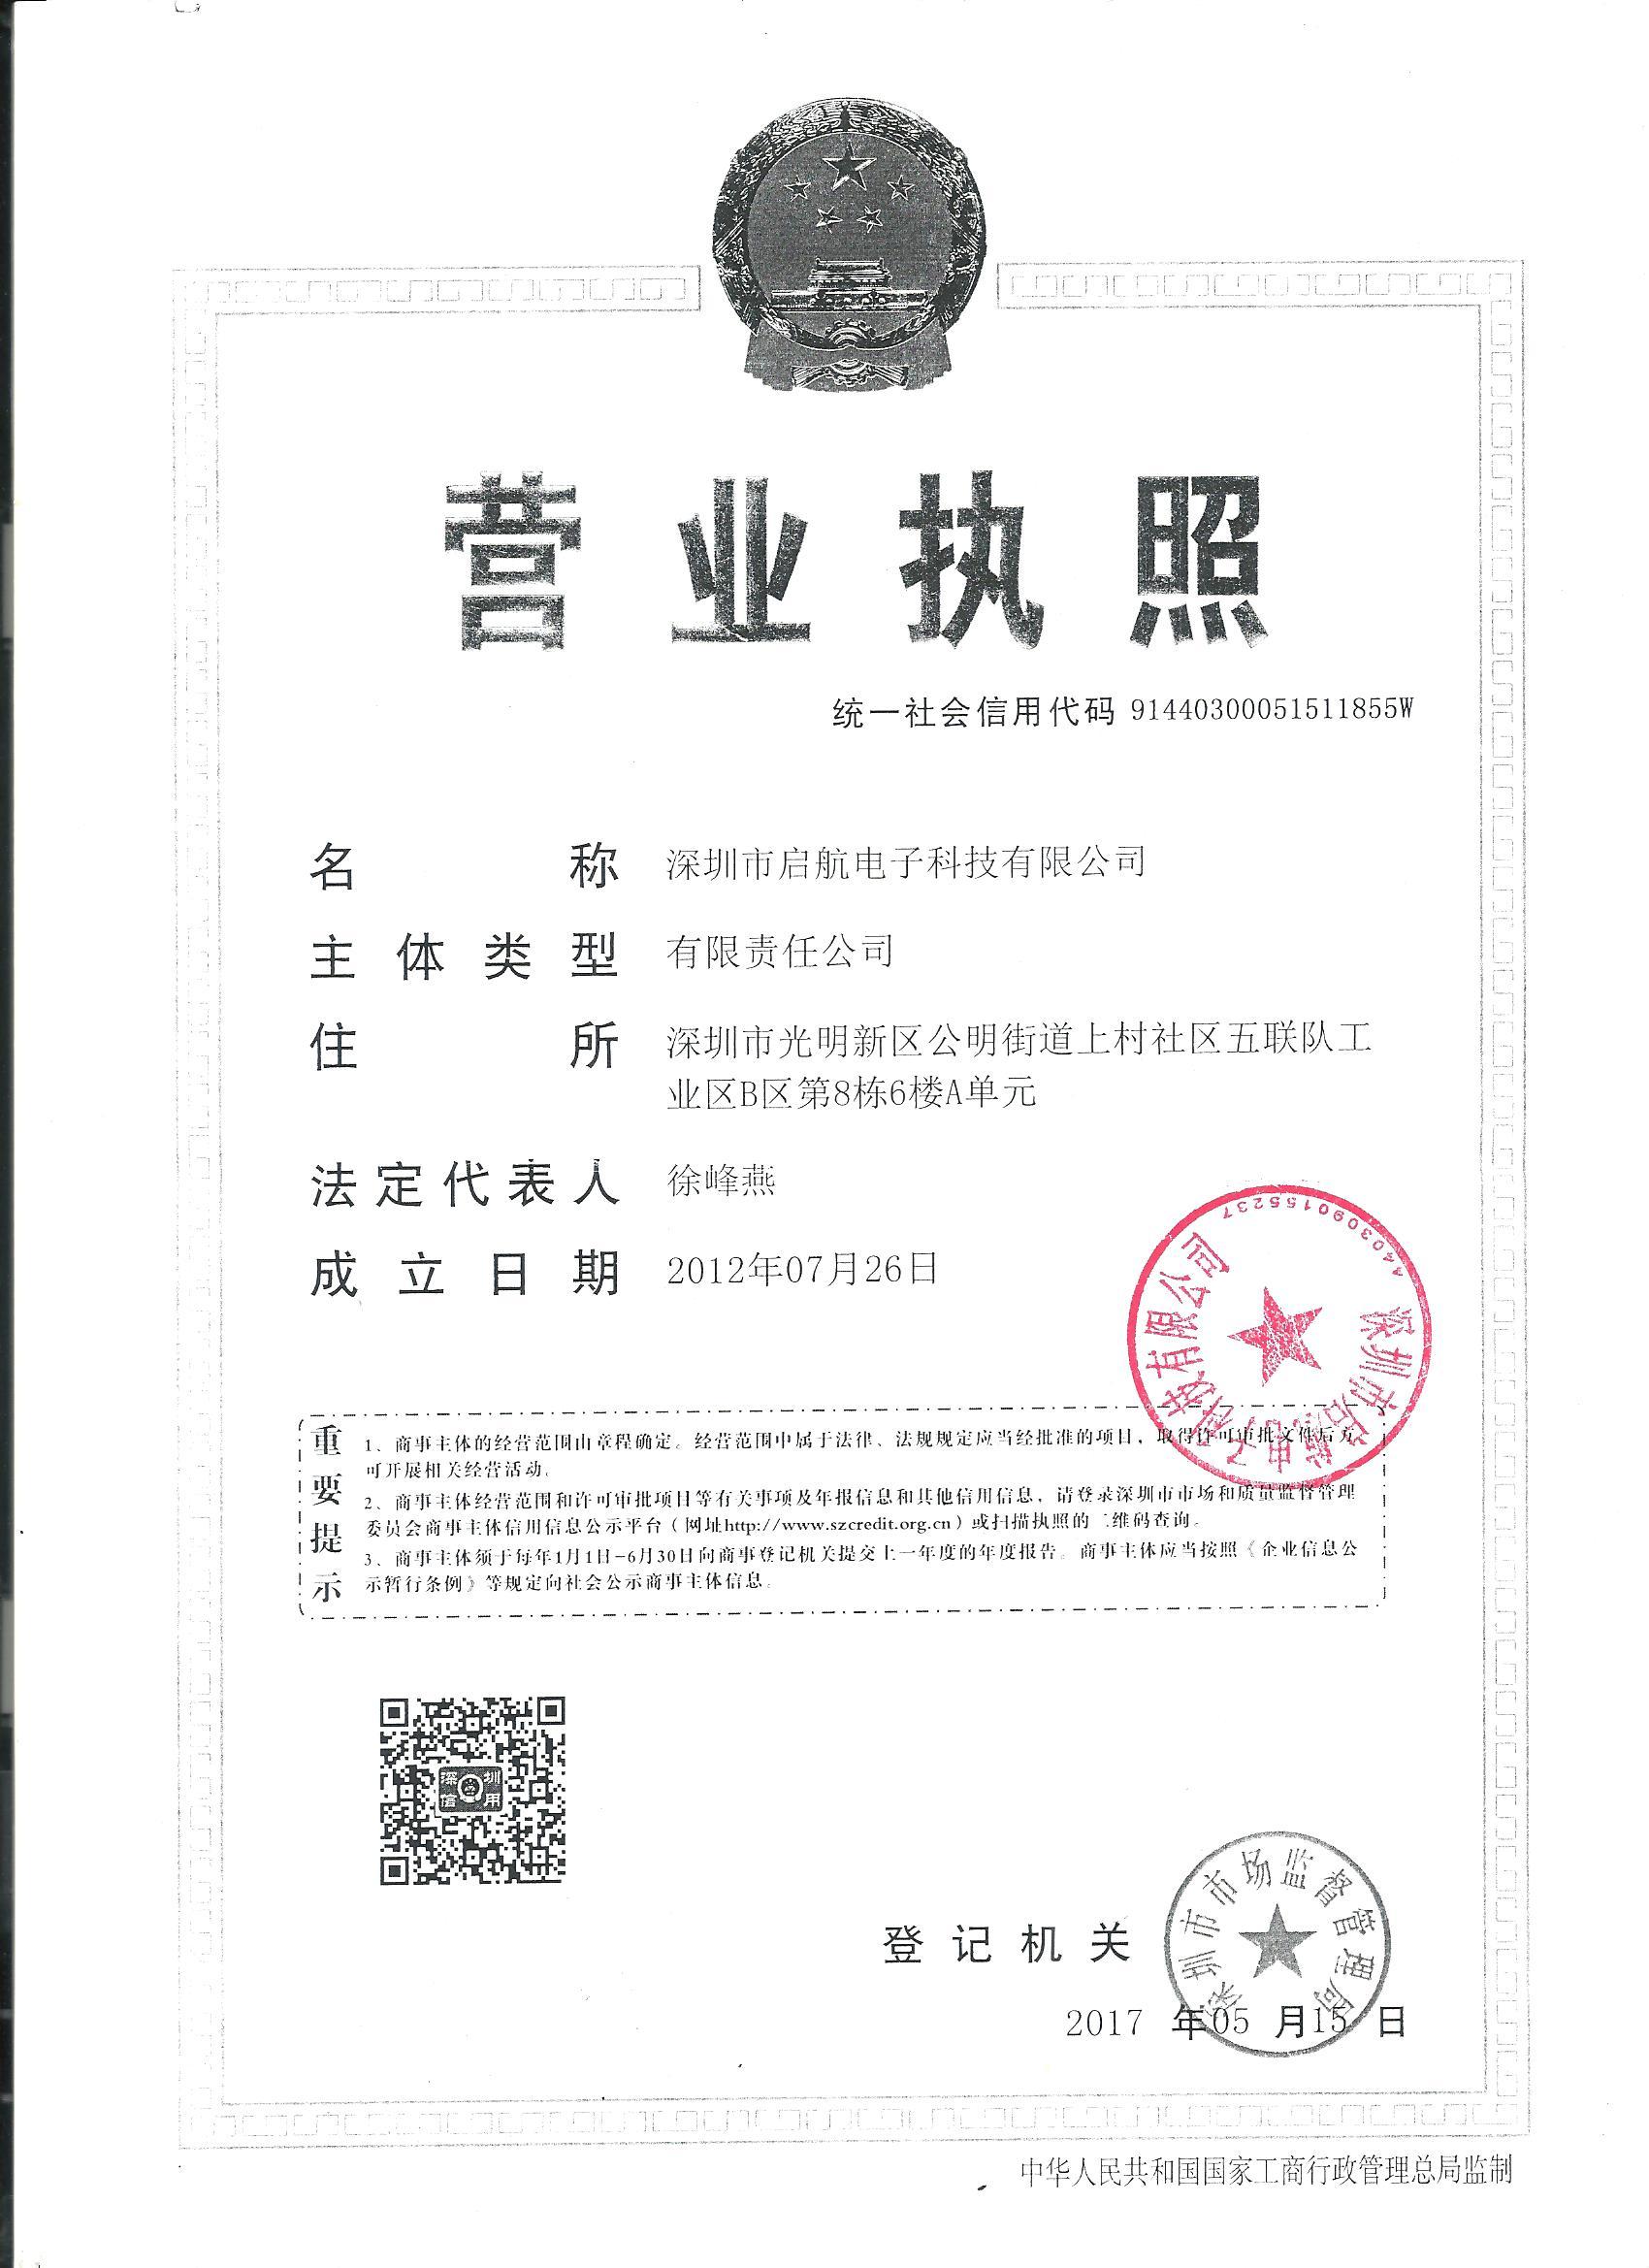 Shenzhen Qihang Electronic Technology Co., Ltd